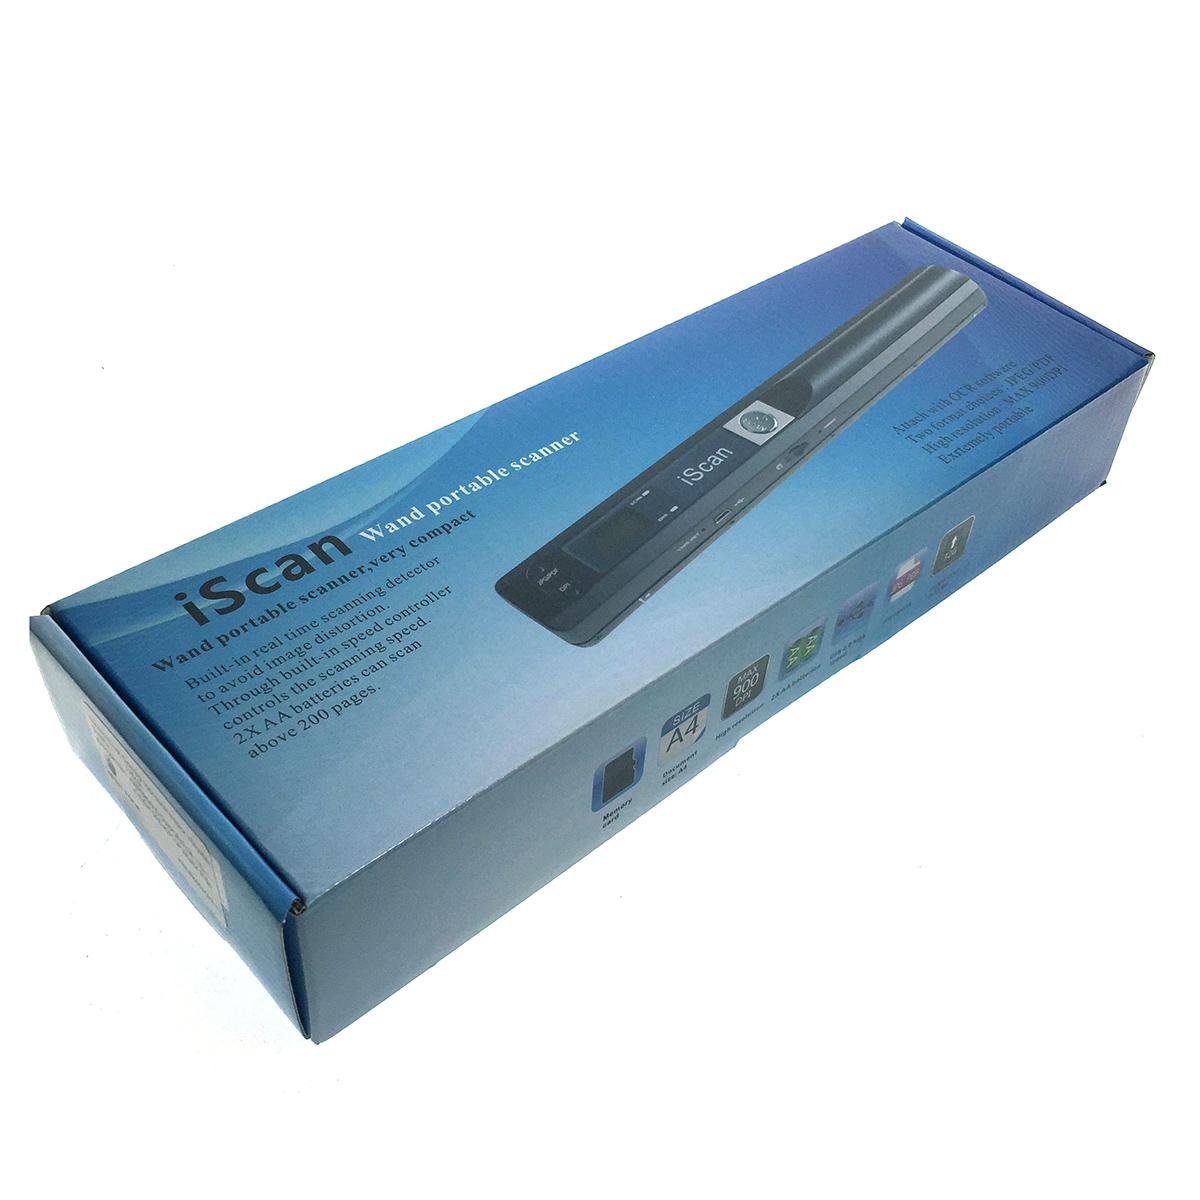 Портативный ручной сканер Espada E-iScan, А4 черный